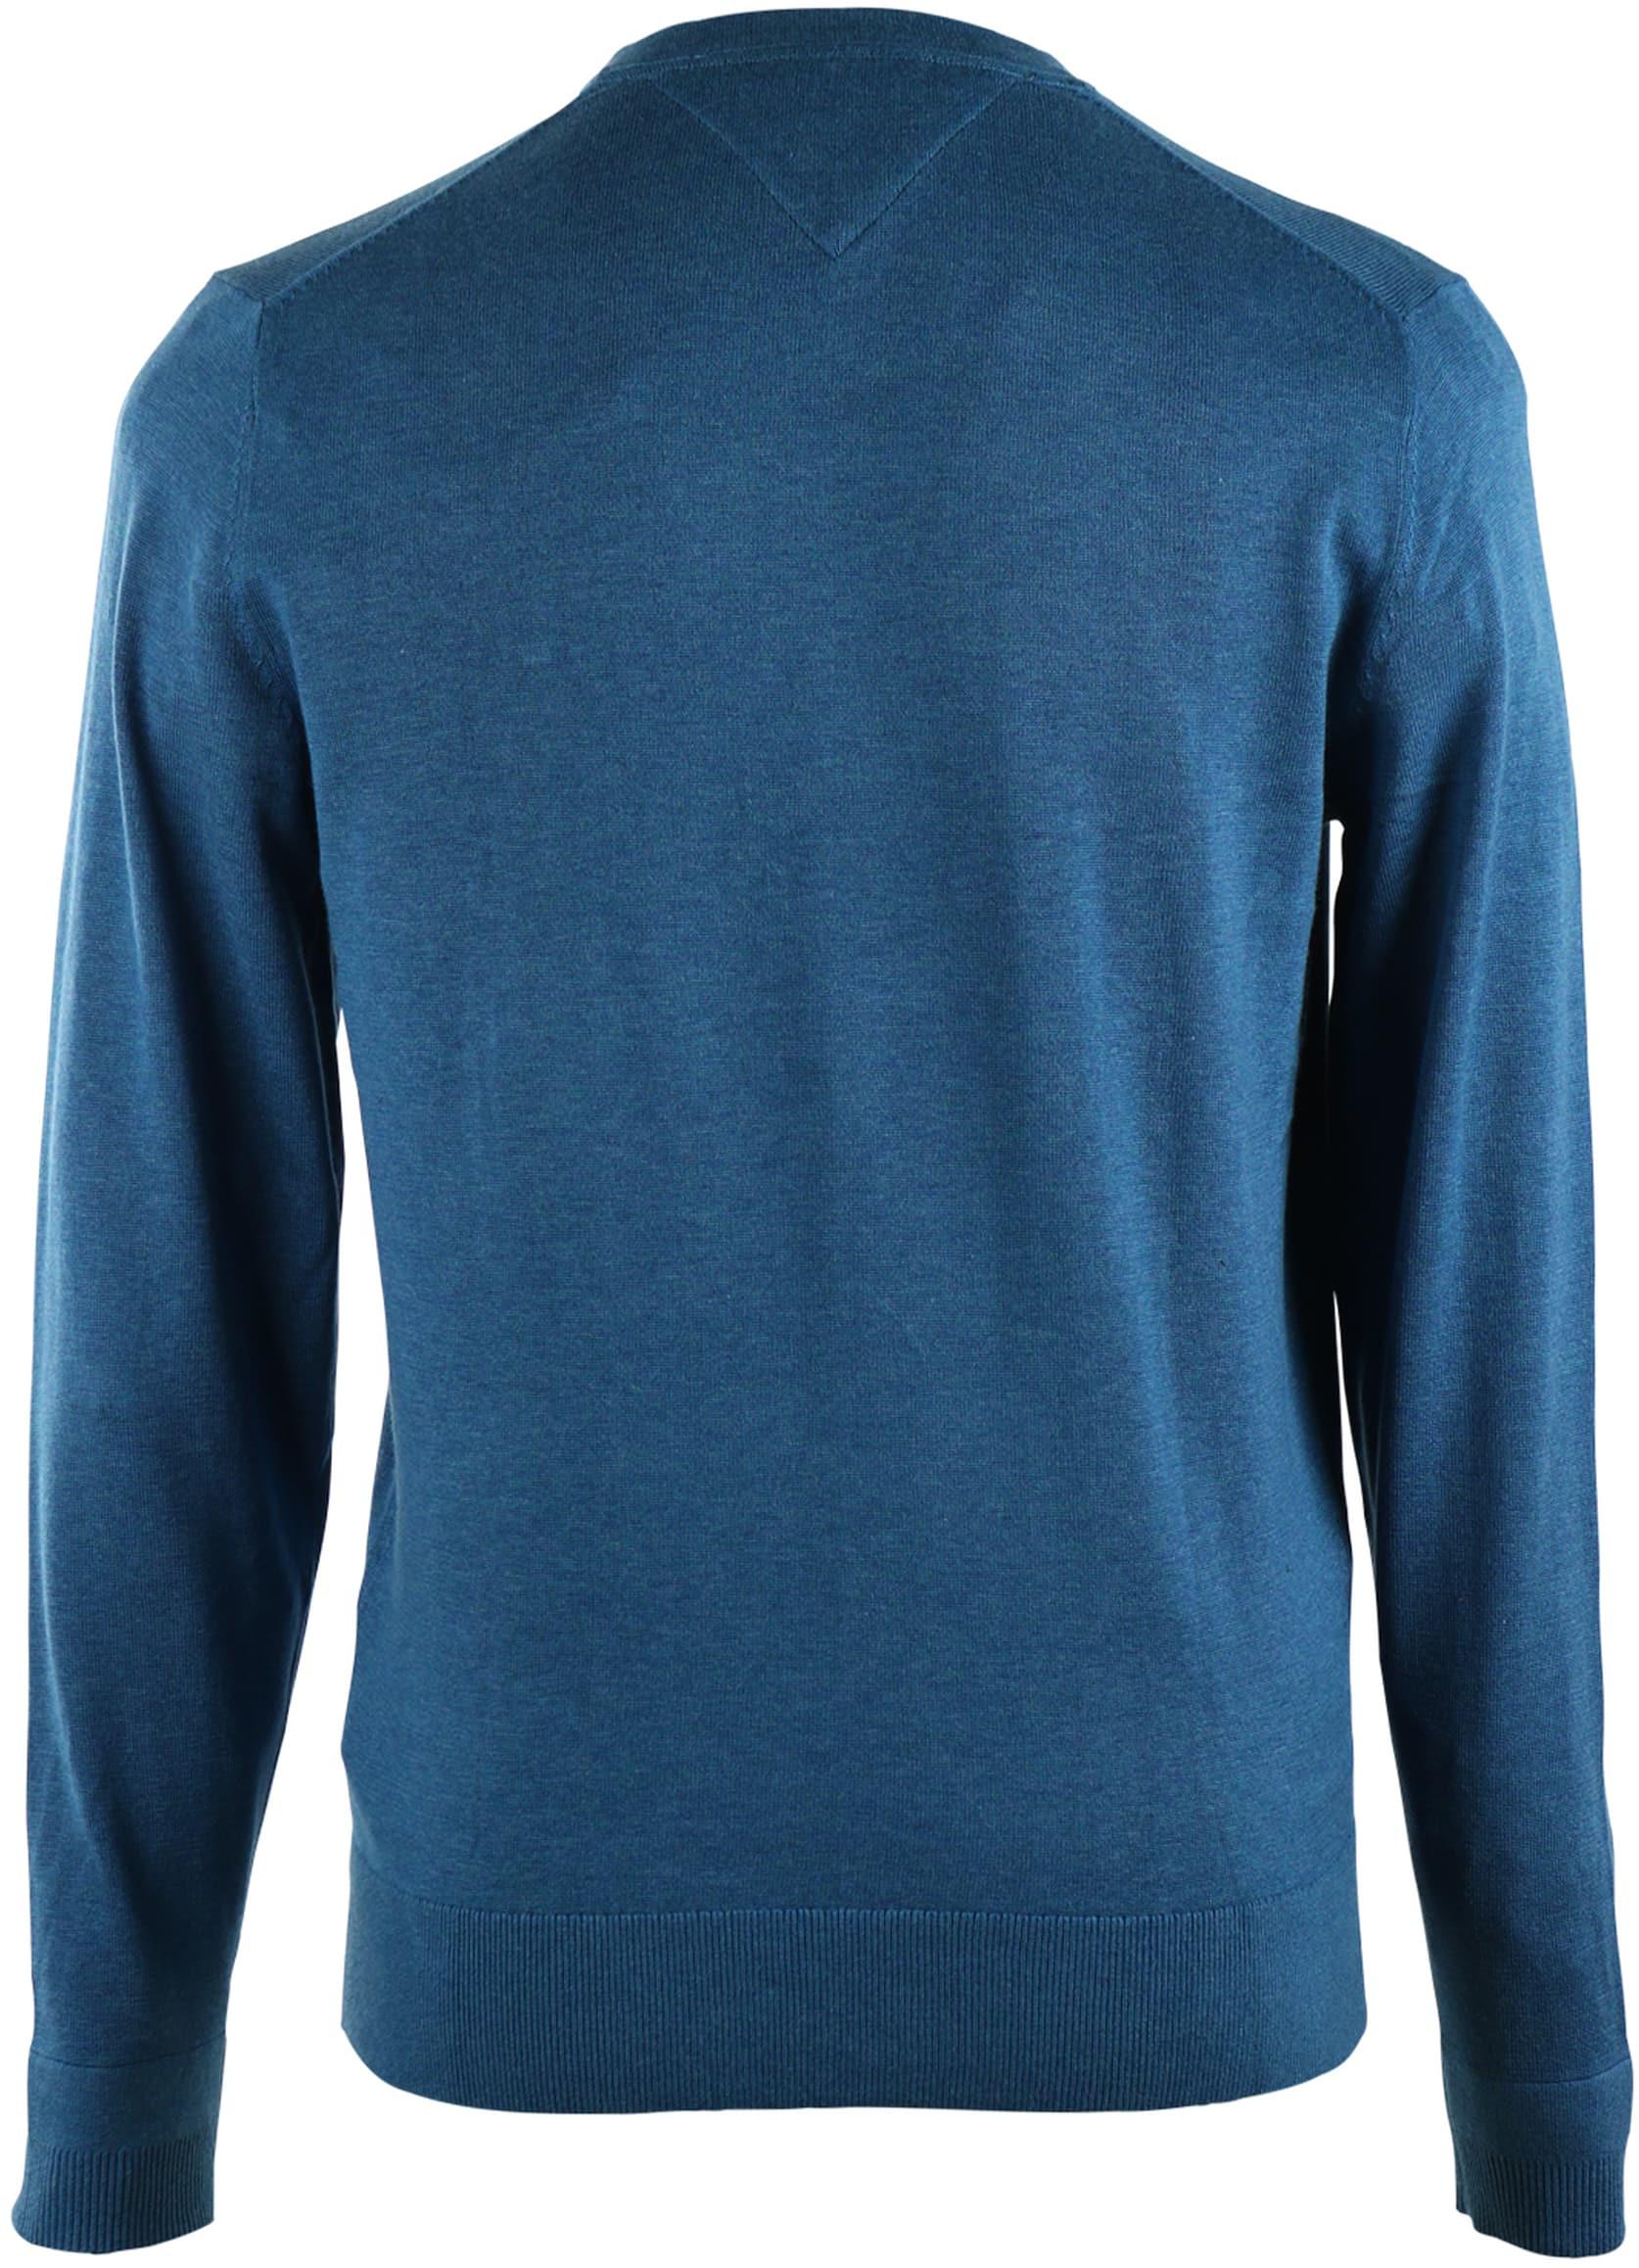 Tommy Hilfiger Pullover V-Hals Teal foto 1